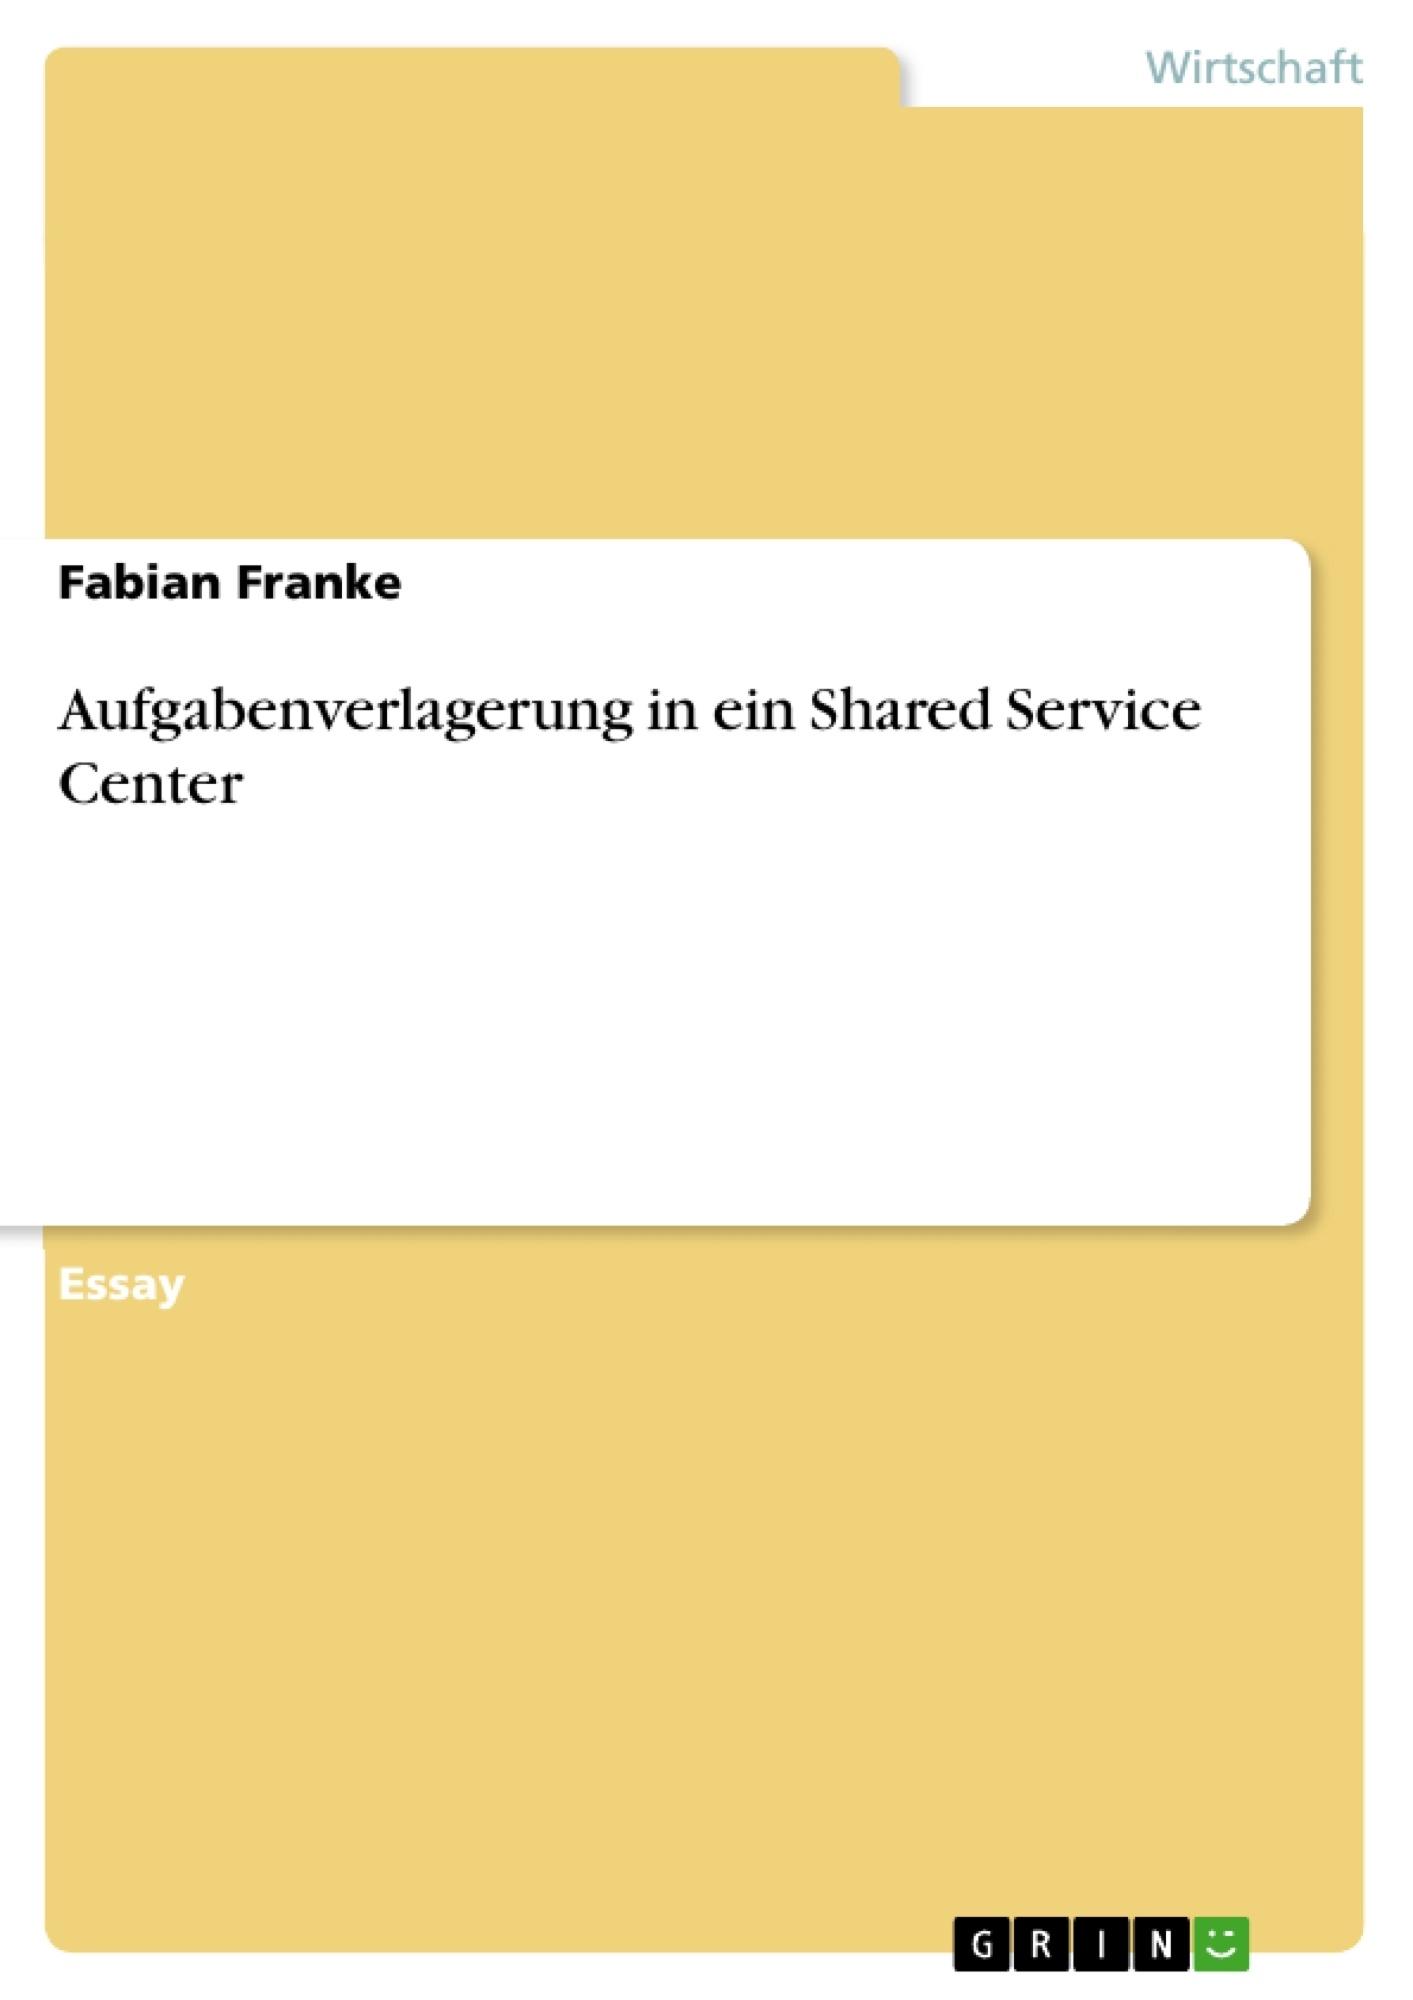 Titel: Aufgabenverlagerung in ein Shared Service Center